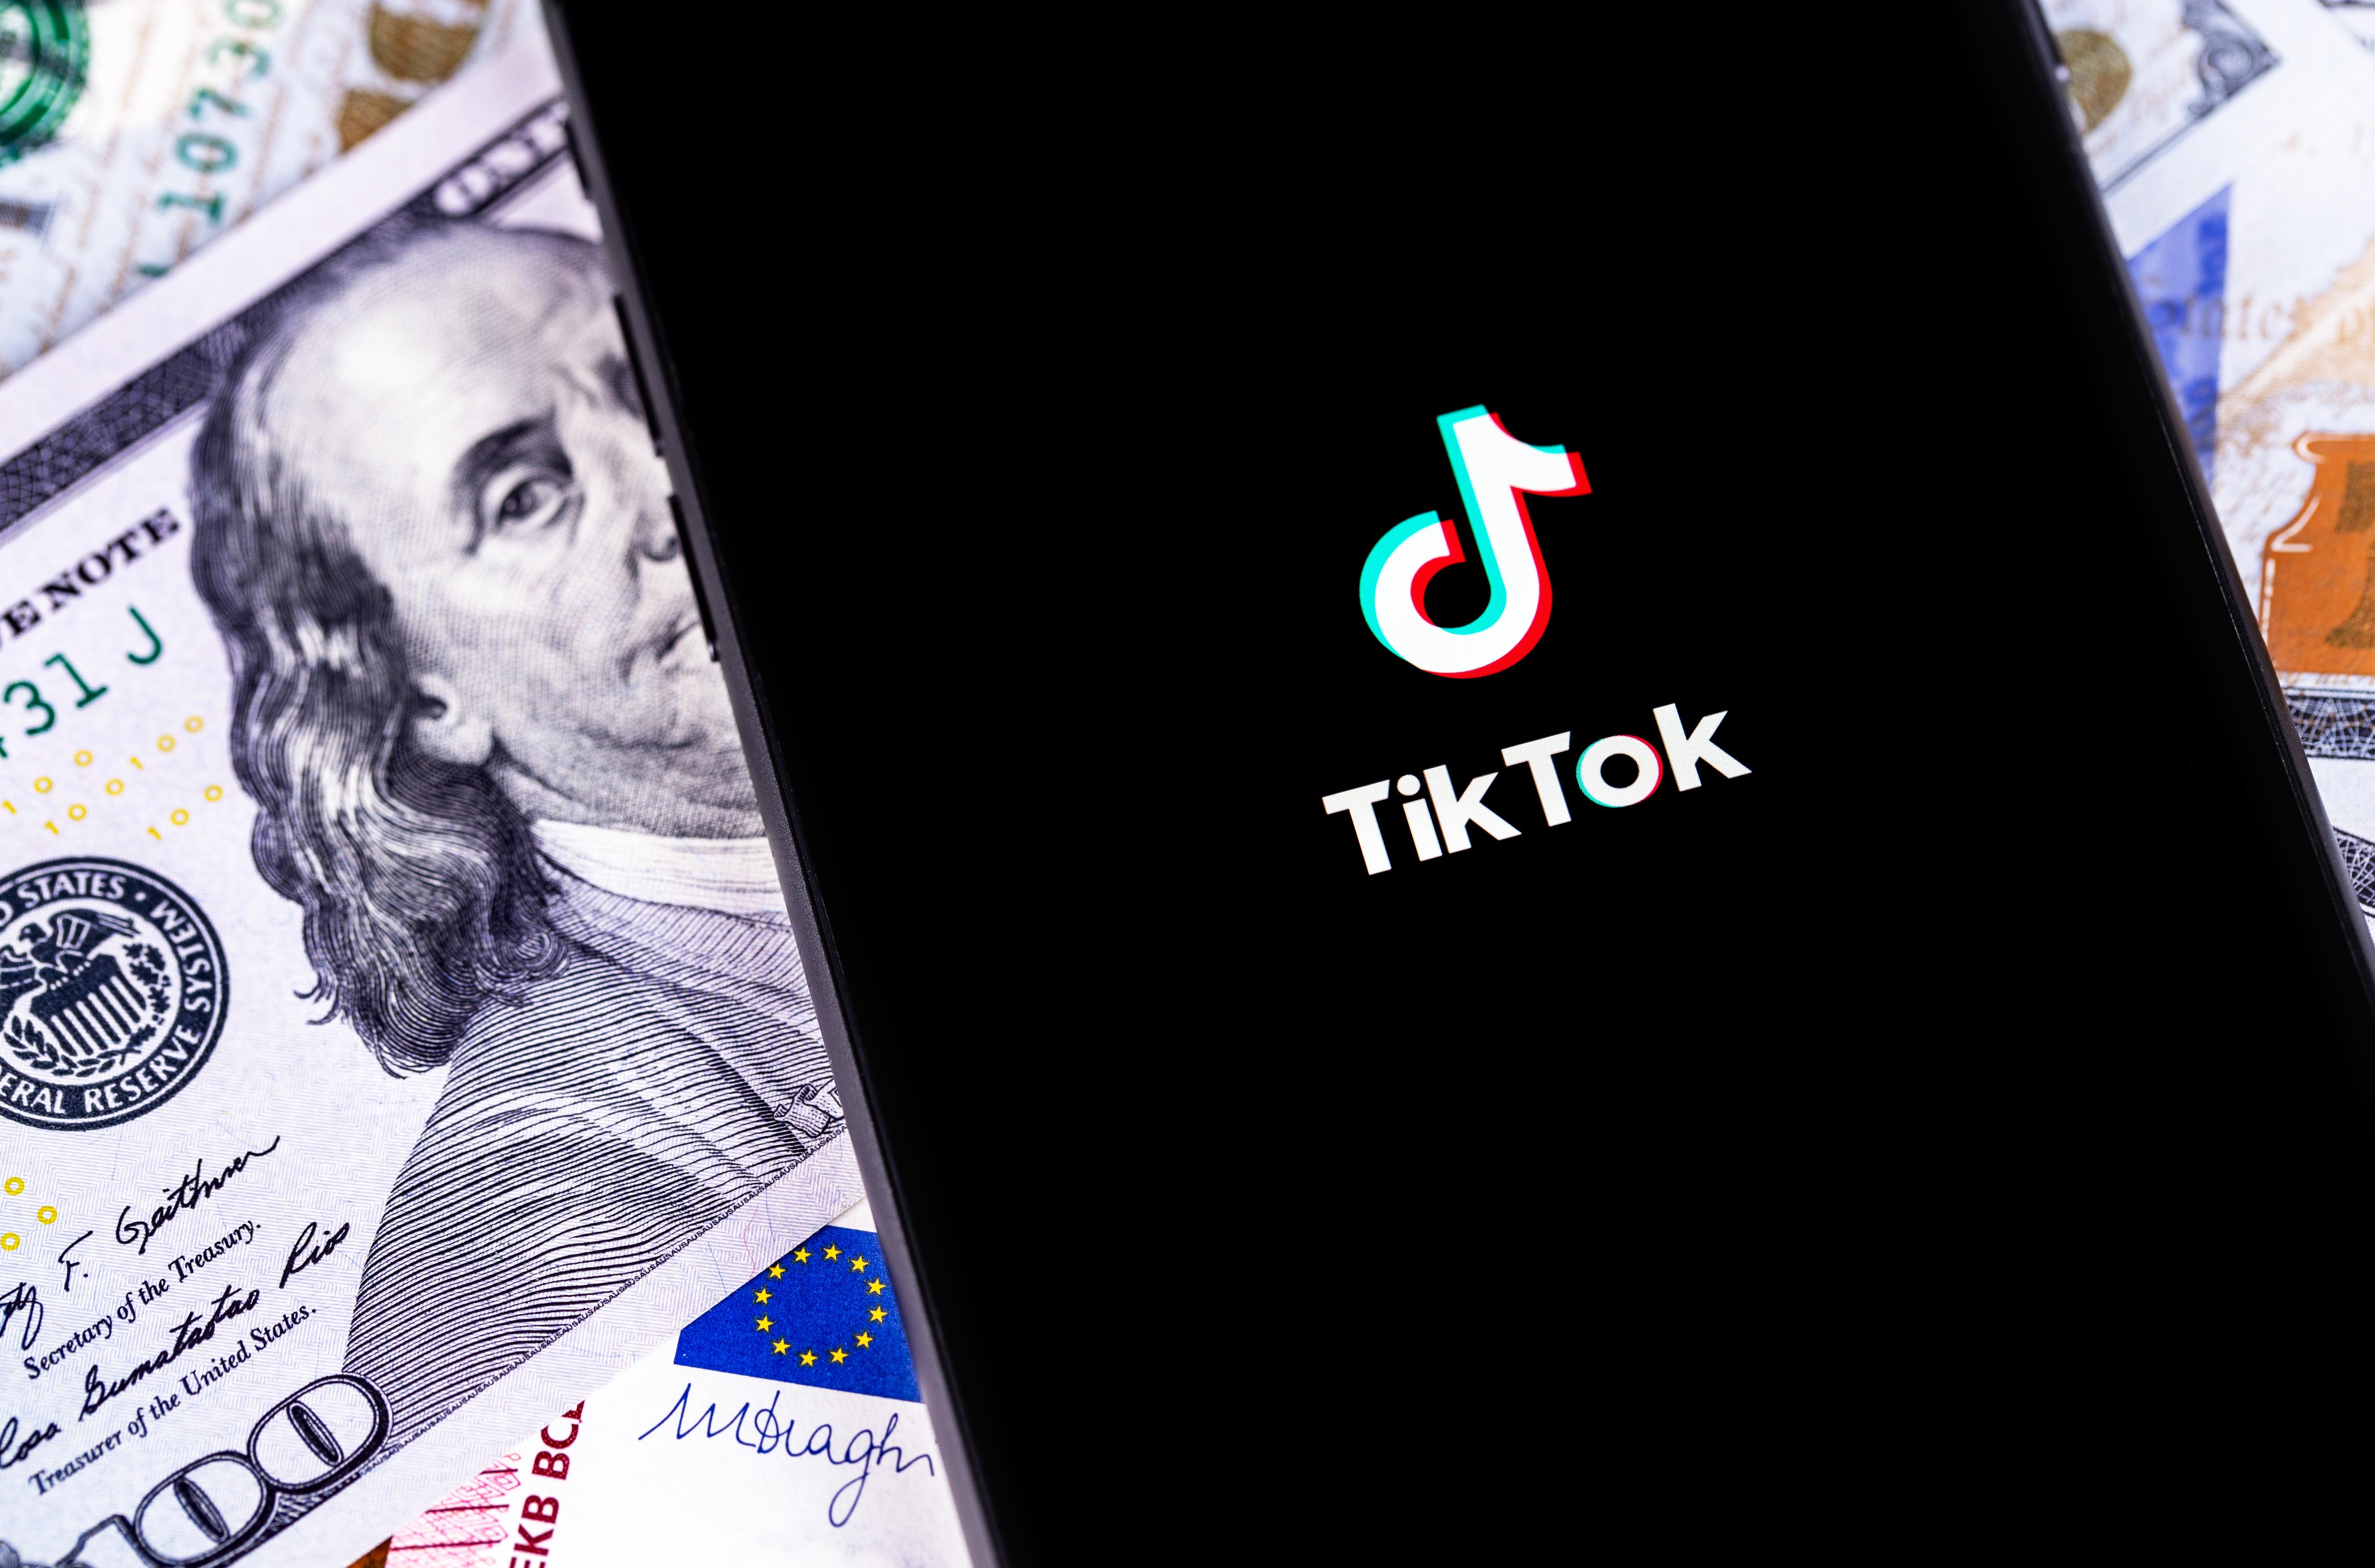 Mr. Franklin, meet TikTok